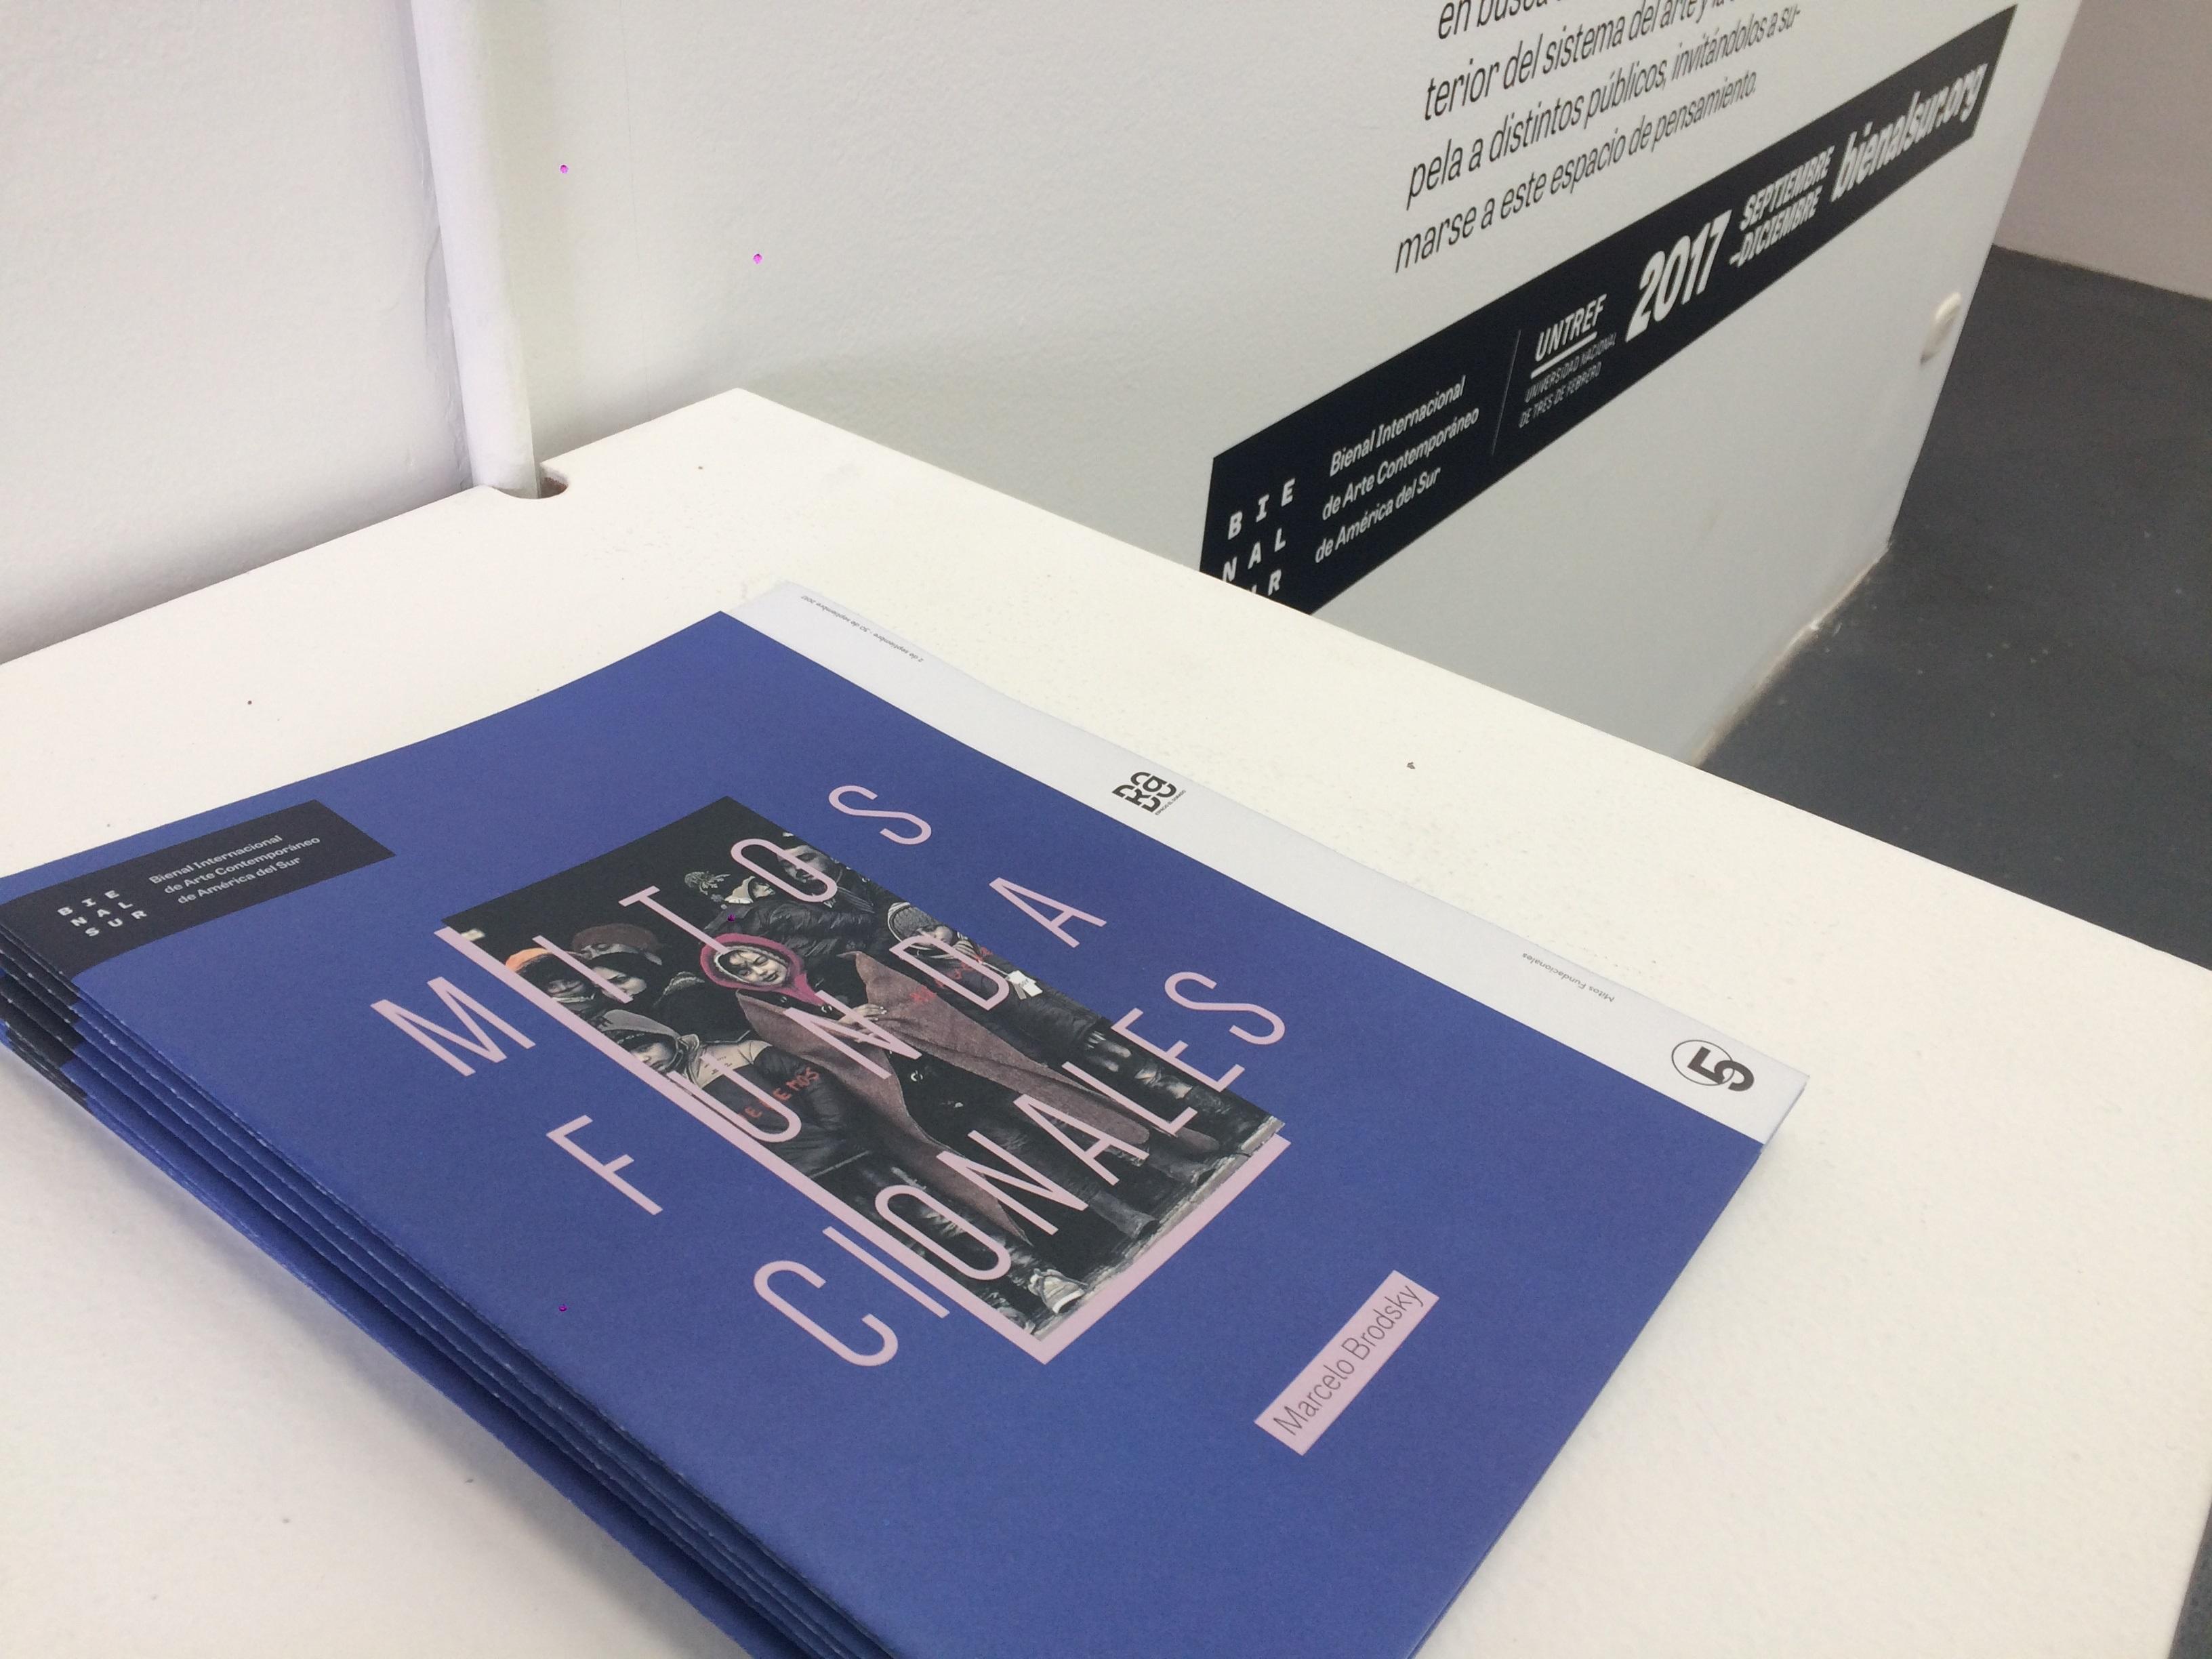 Marcelo Brodsky expone en Bogotá sus fotografías intervenidas